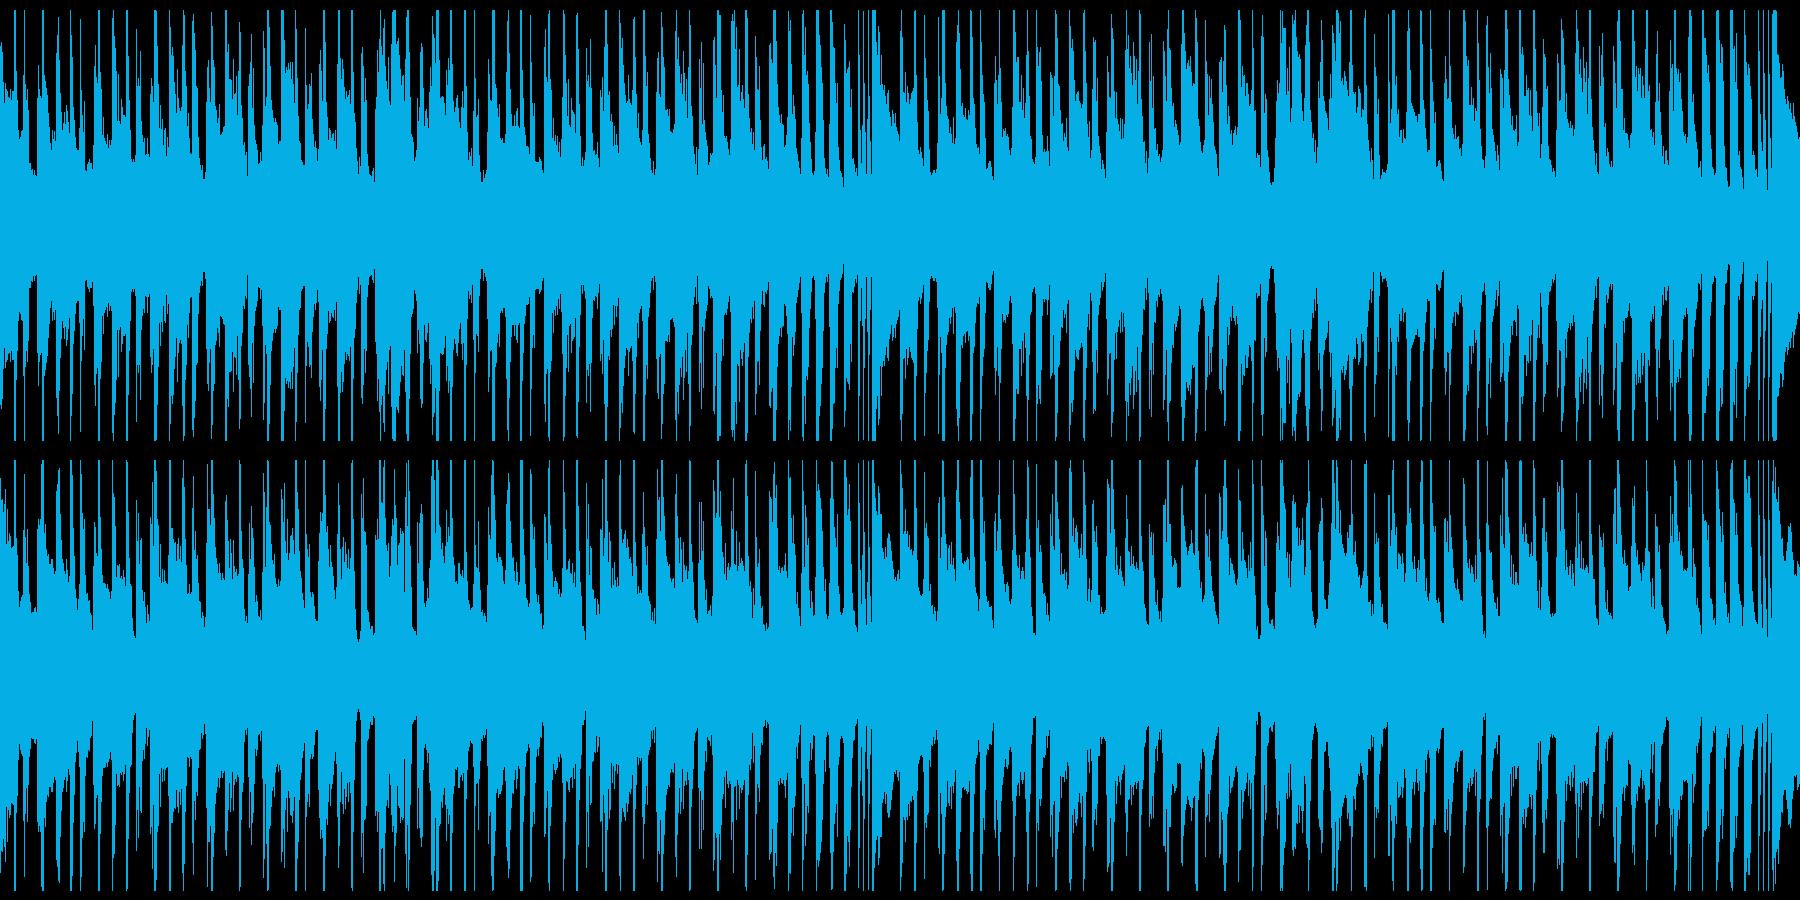 軽快な日常ポップスBGMループ仕様の再生済みの波形